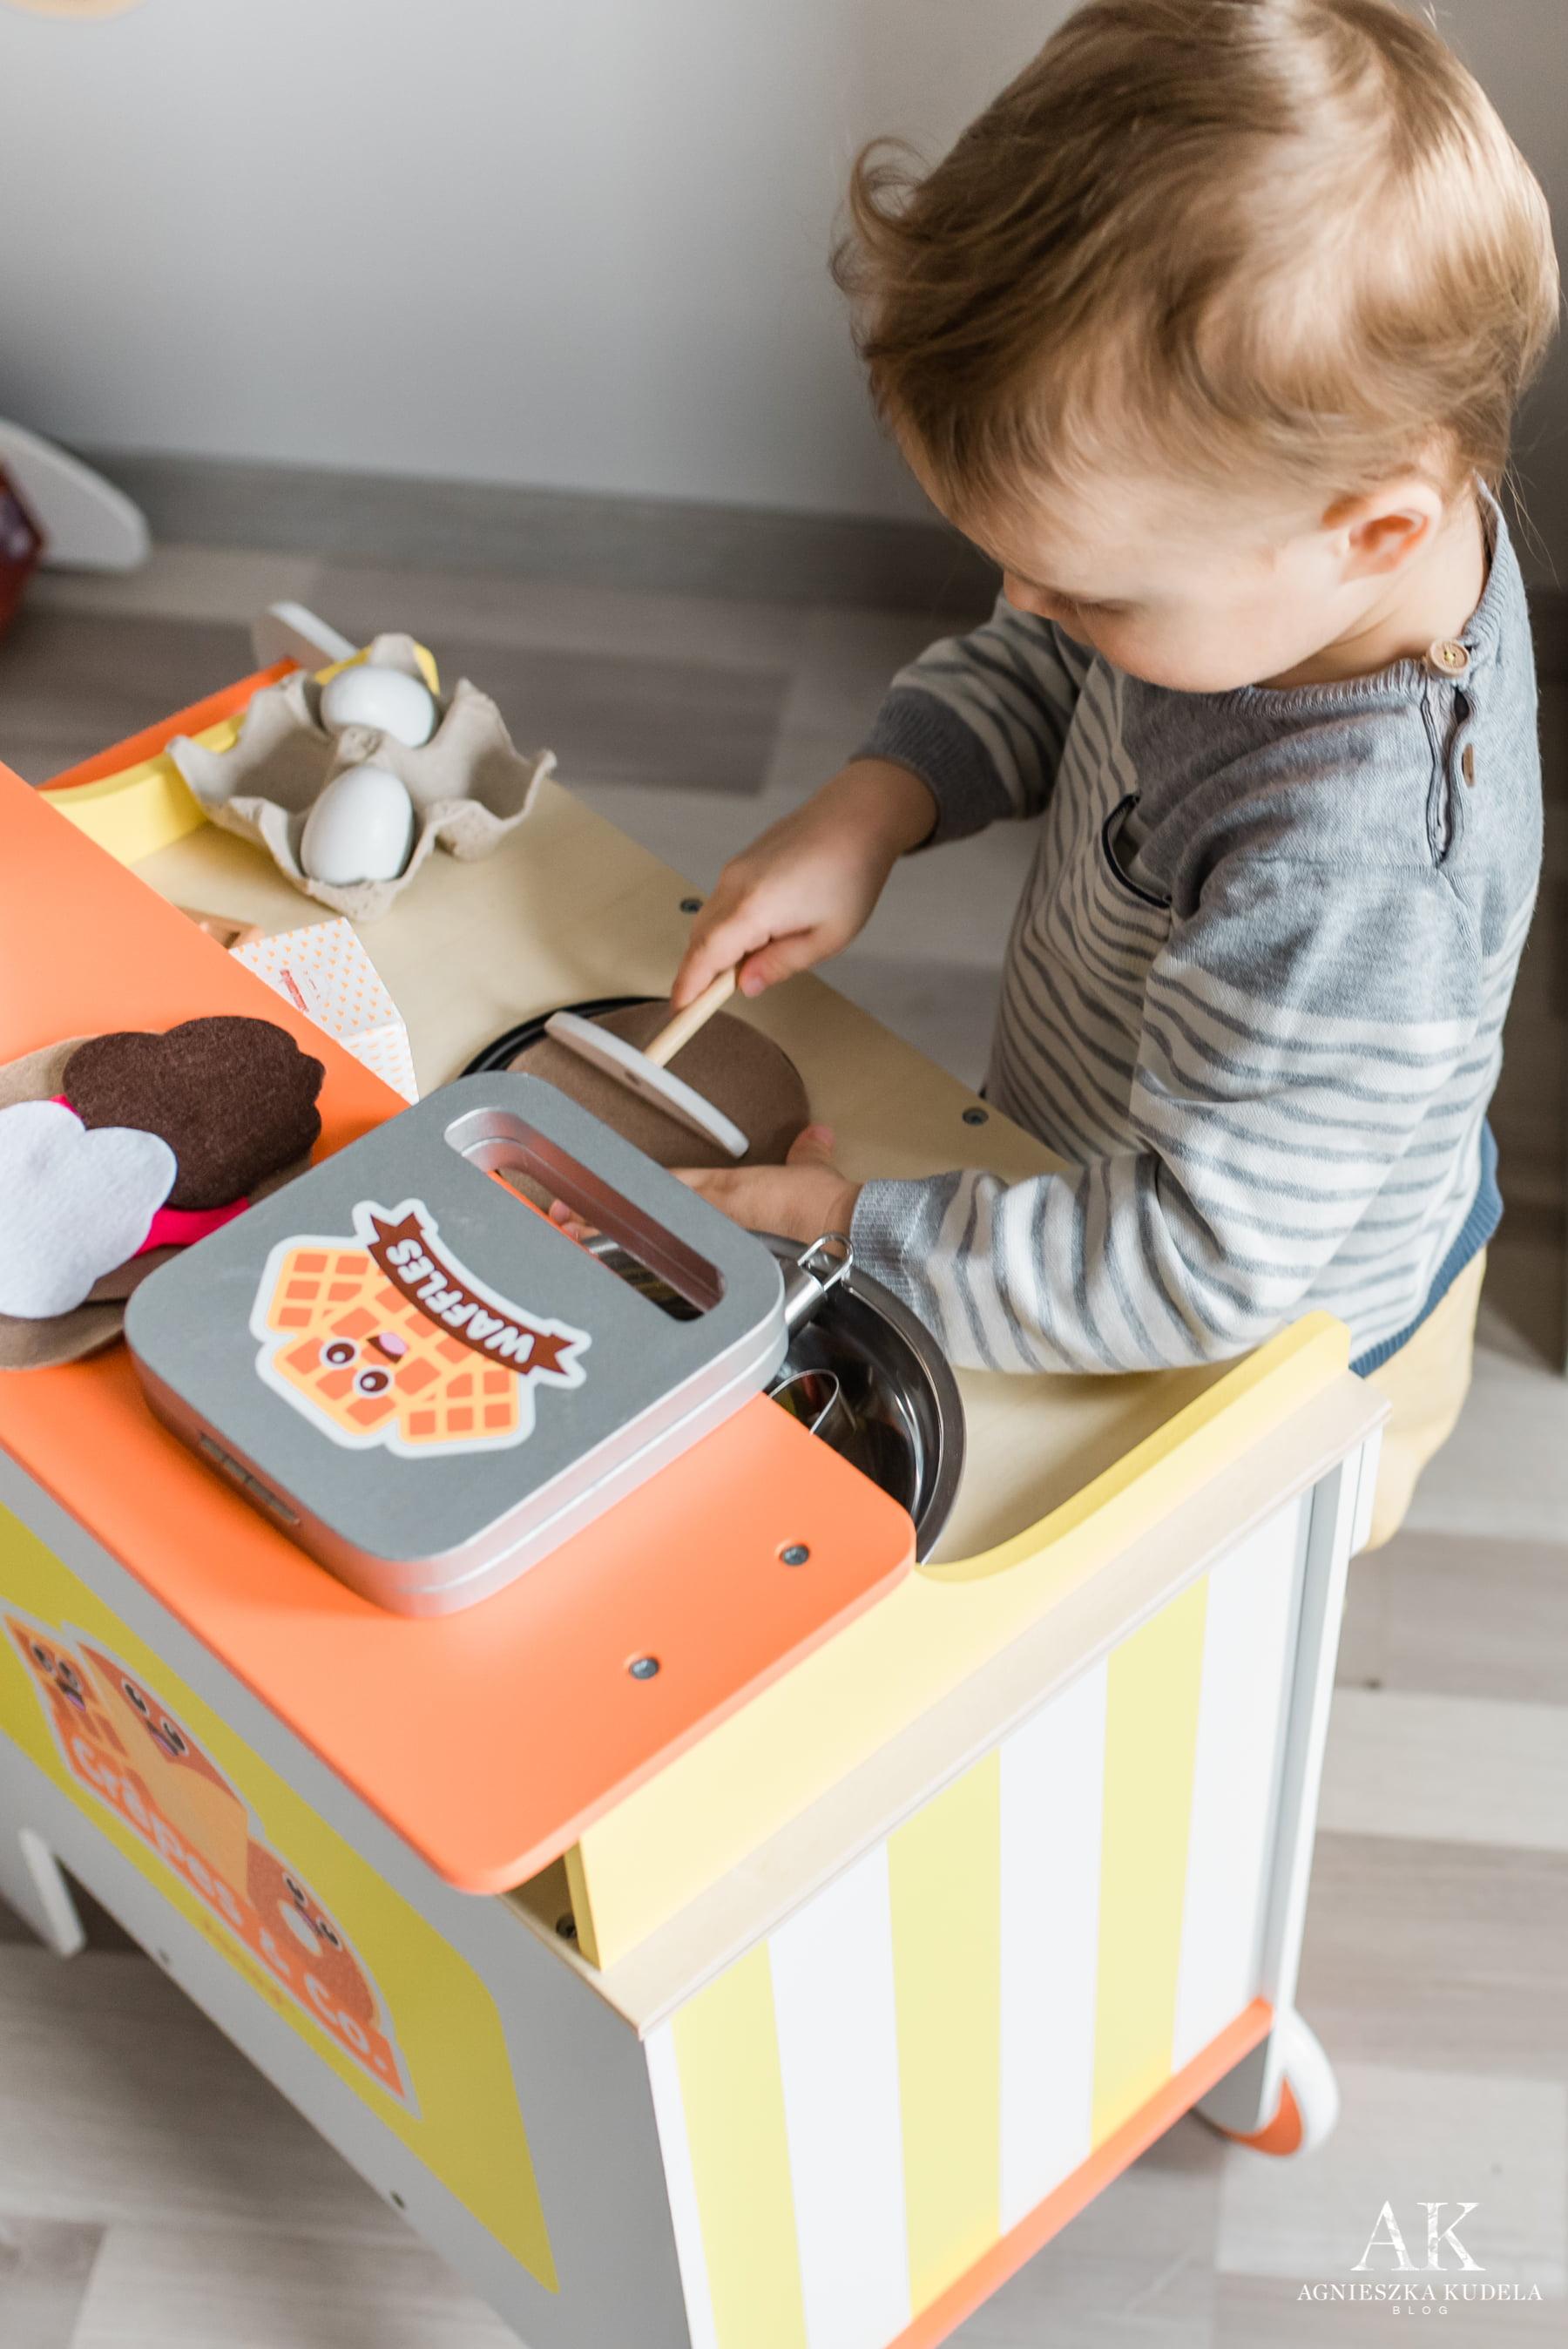 zabawki dla trzylatka odgrywanie rol